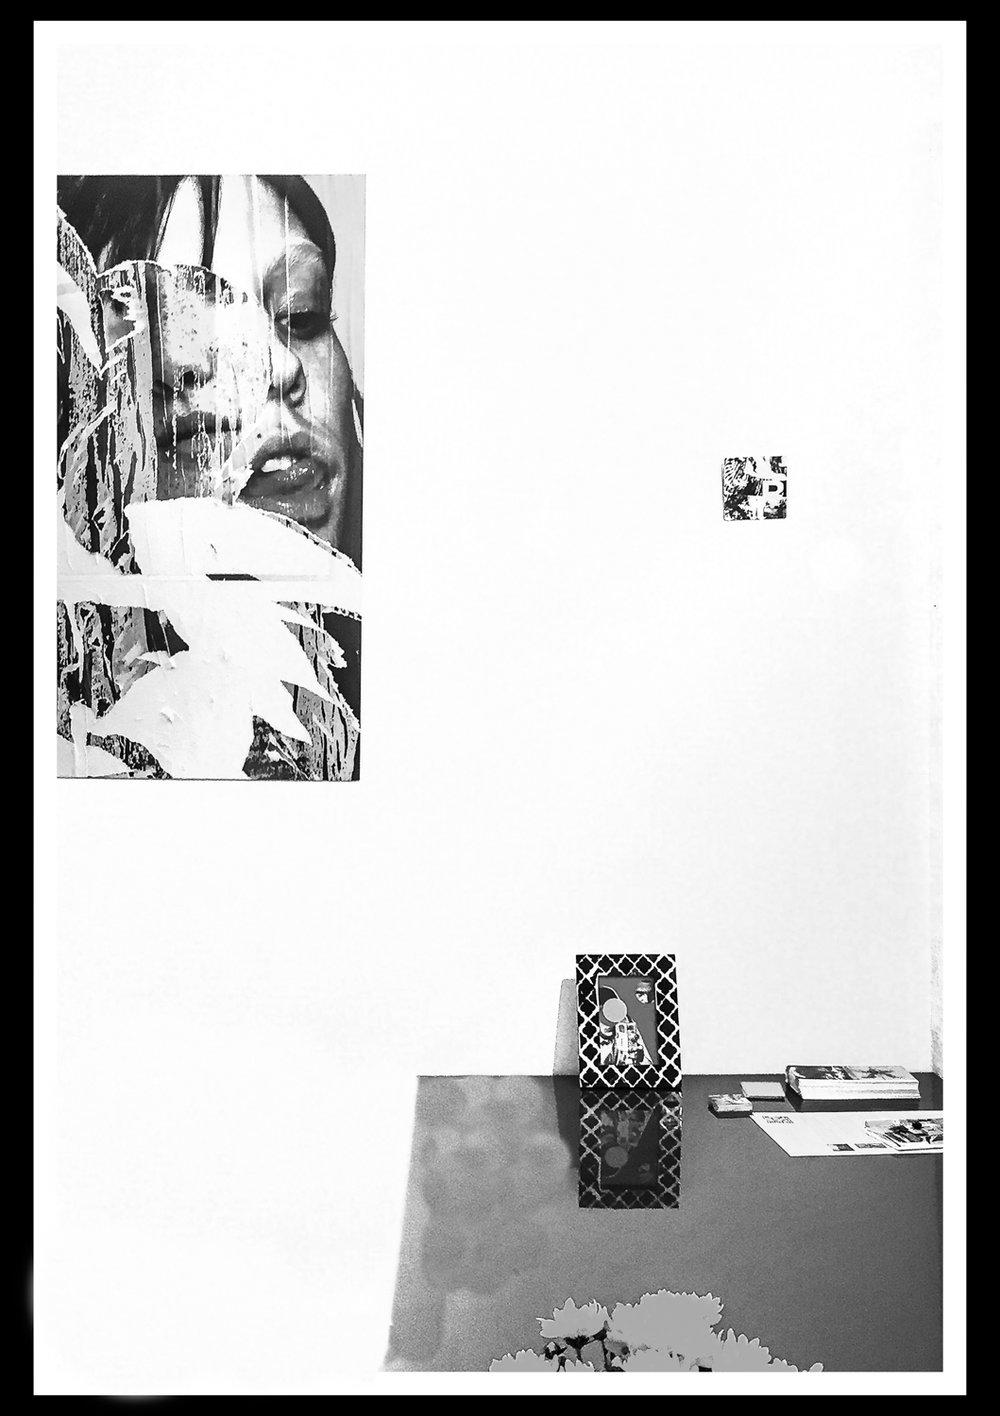 BardohlScheel-ExhibitionPhotos-HEYDT-18.jpg